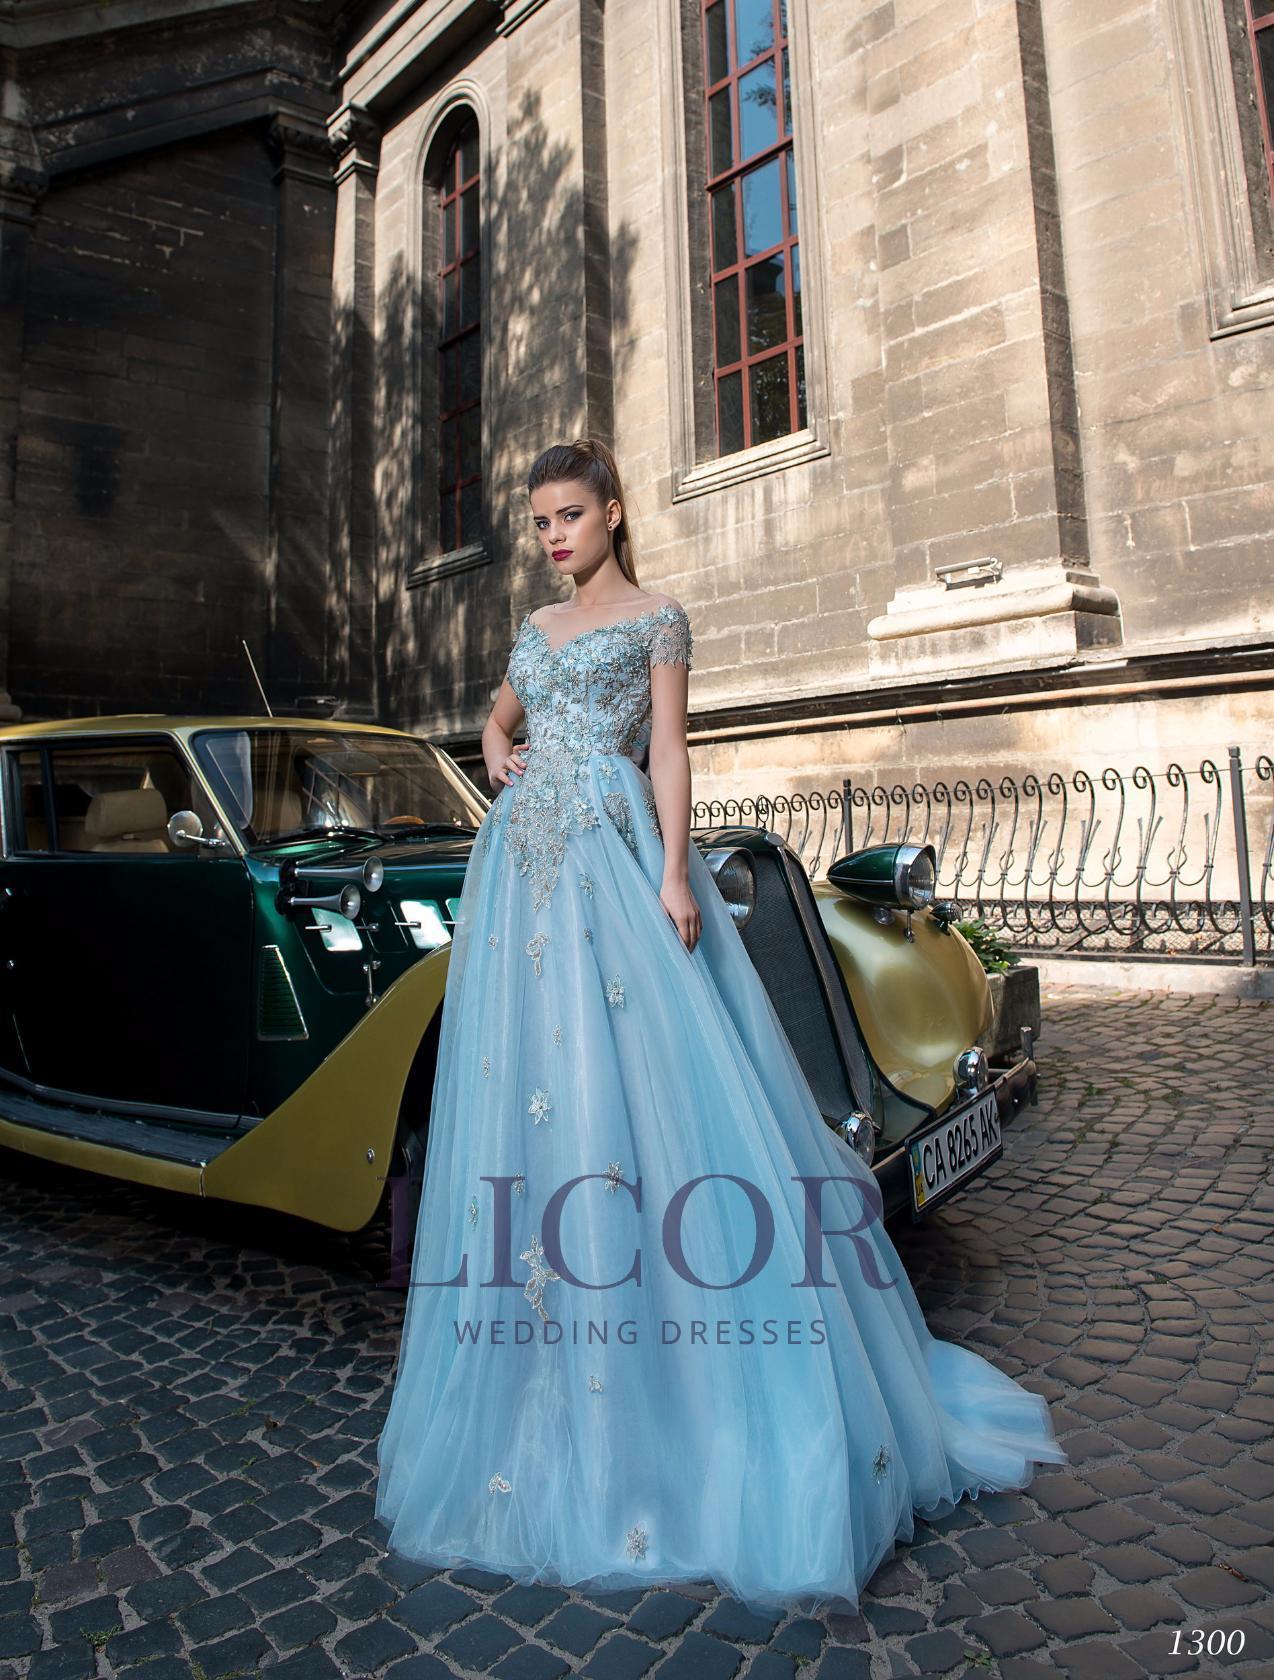 9e2b0eff7f7 платье на выпускной бал 2018 купить украина ... b4bcc55dce533